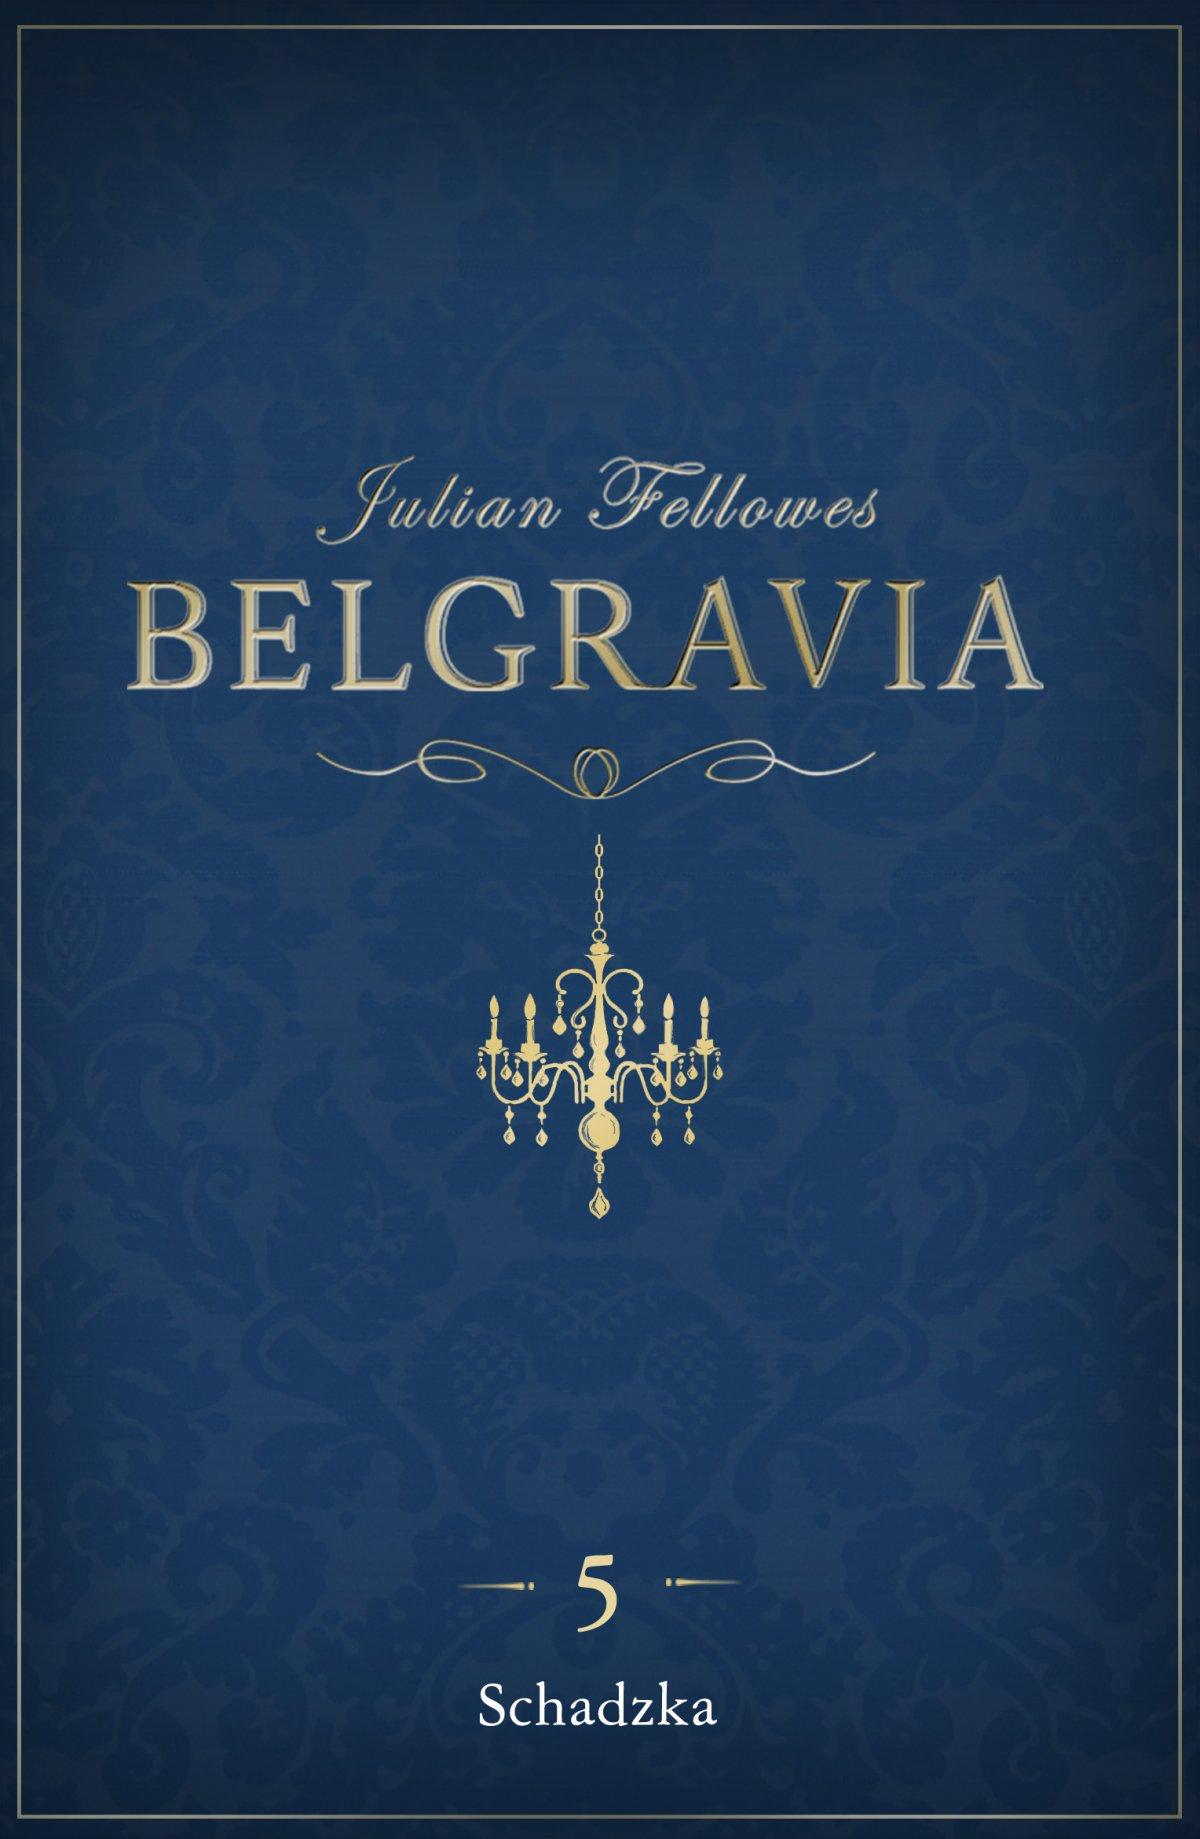 Belgravia Schadzka. Odcinek 5 - Ebook (Książka EPUB) do pobrania w formacie EPUB